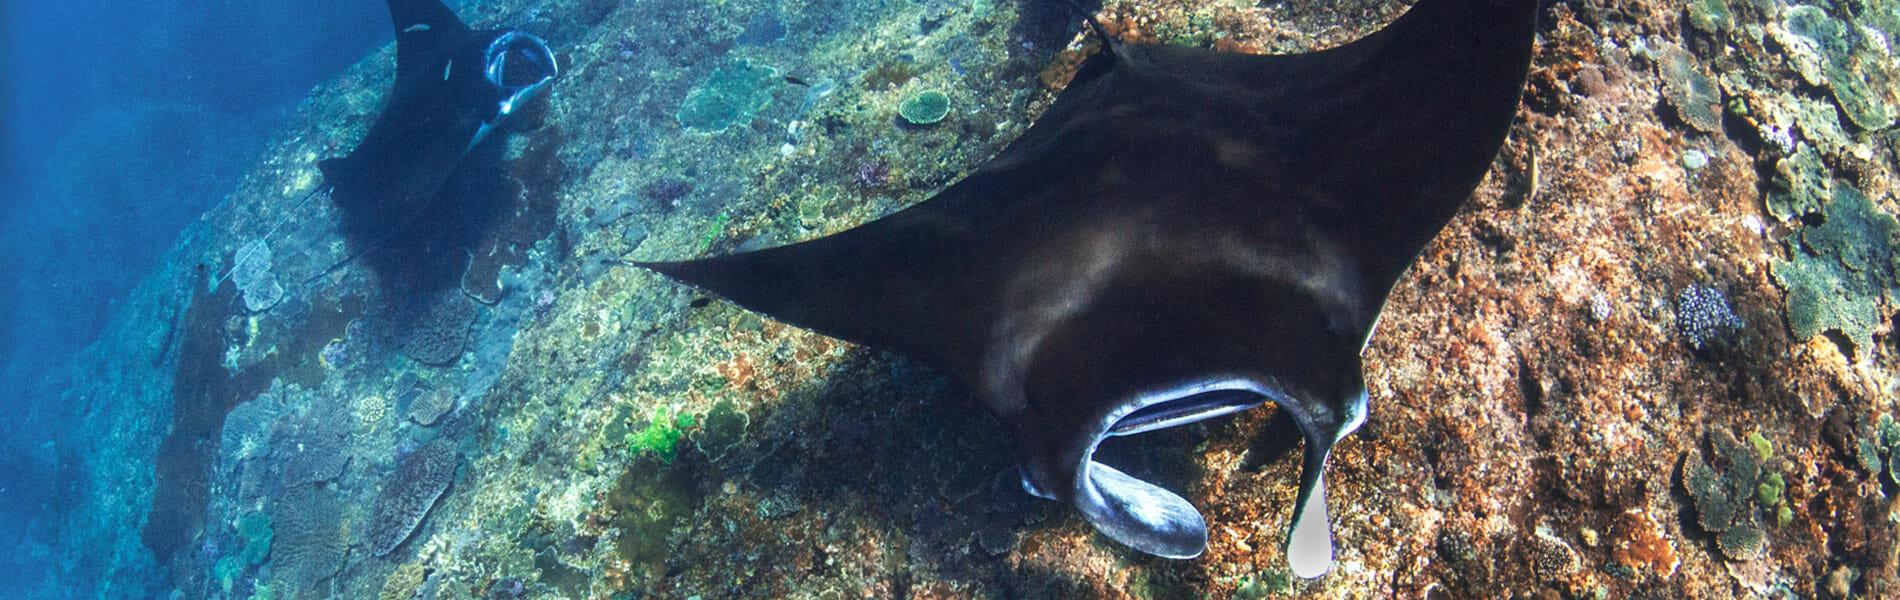 Manta Diving Bali Fun Diving